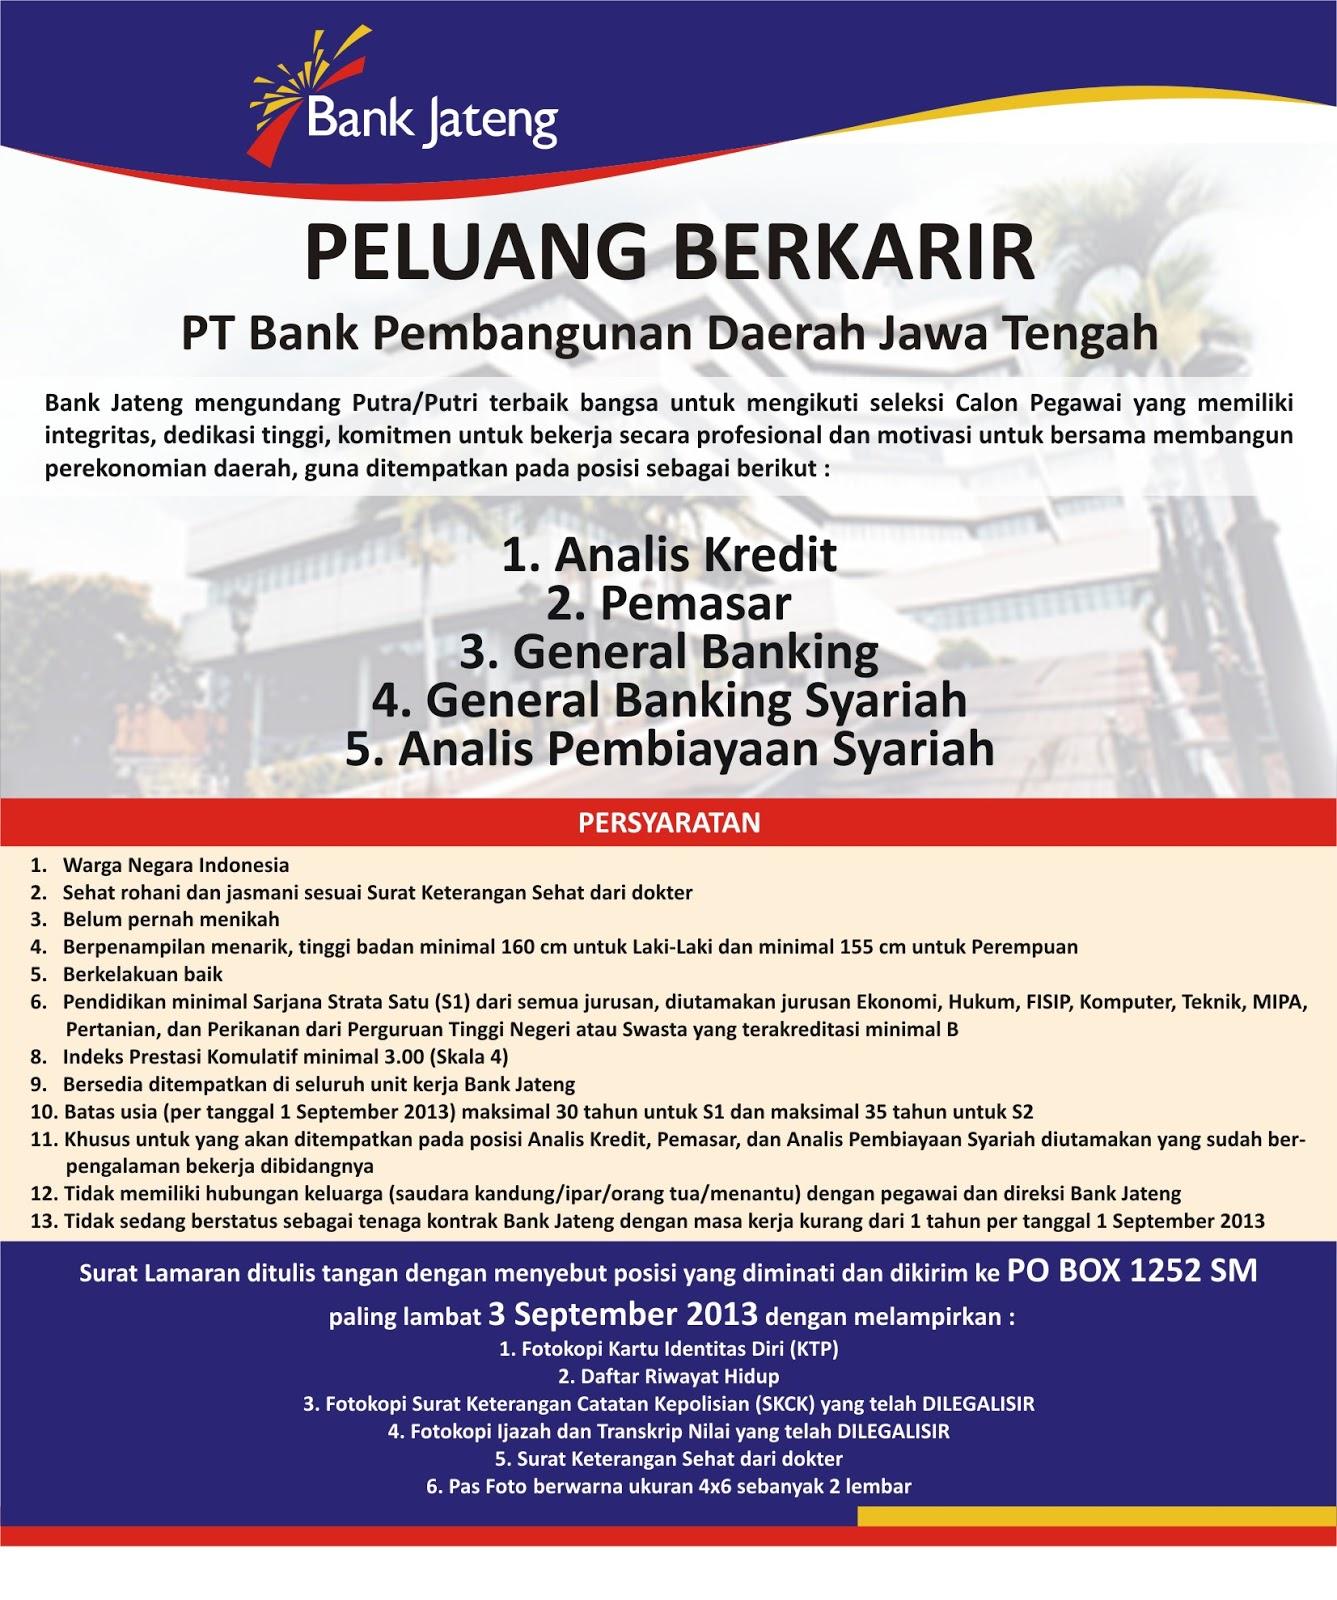 Lowongan Kerja Pns Januari 2013 Dosen Non Pns Biologi Januari 2013 Info Lowongan Terbaru Lowongan Kerja Terbaru Bank Bumn Pns Soloraya Ect Lowongan